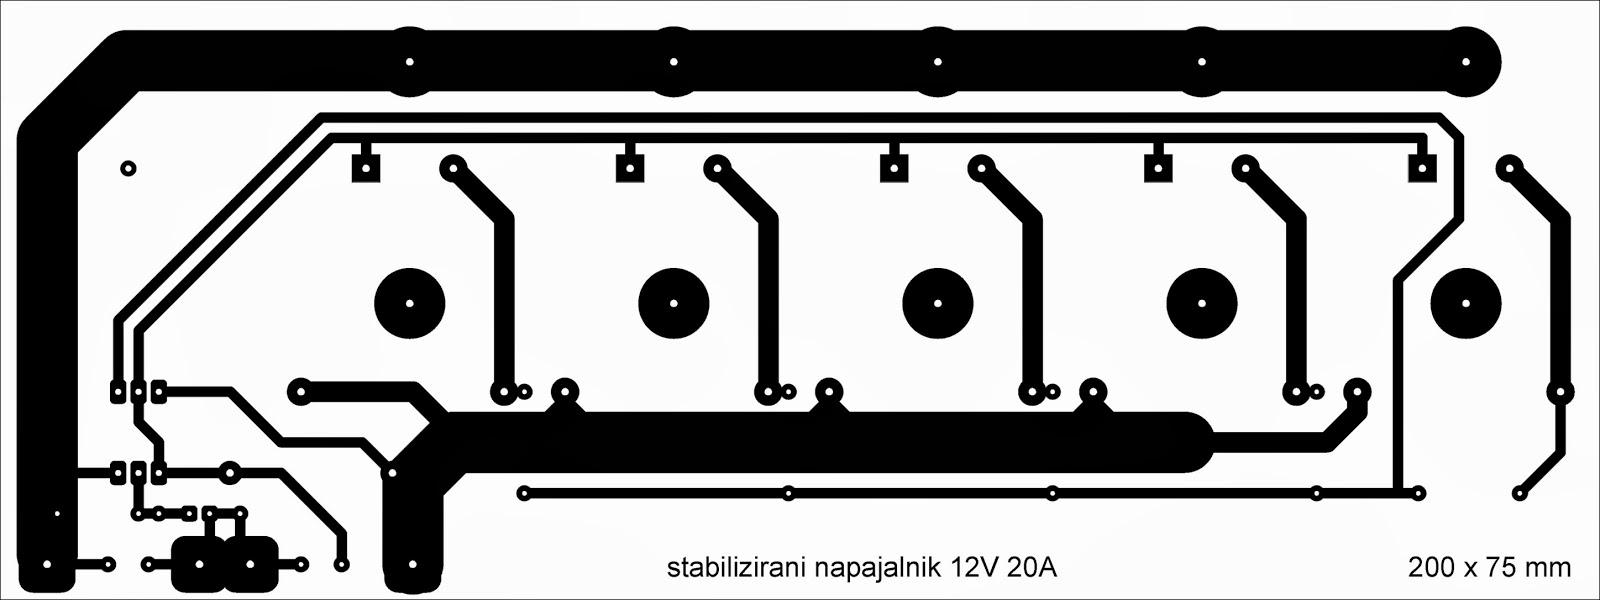 stabilizirani_napajalnik_12V-20A_5xMJ2955_2013_pcb_600dpi (2)